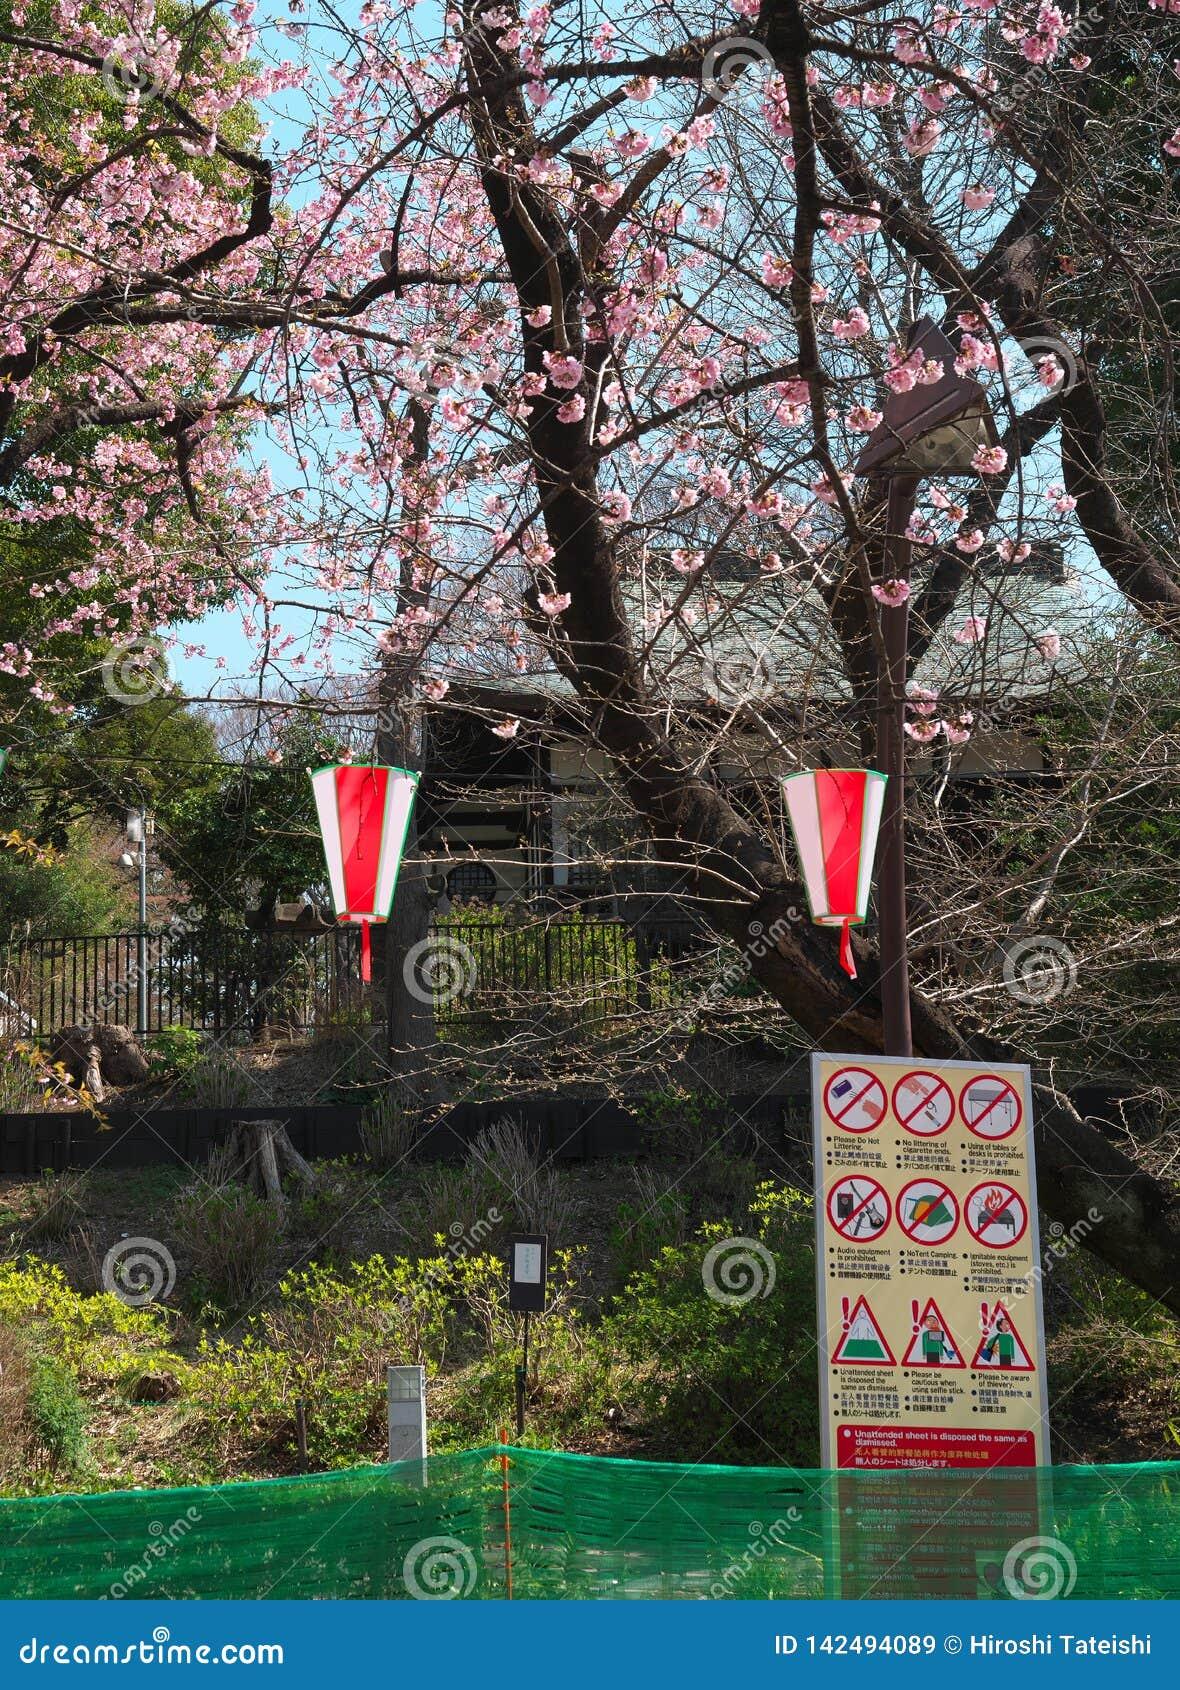 Fiori di ciliegia nel parco di Ueno, Tokyo, Giappone